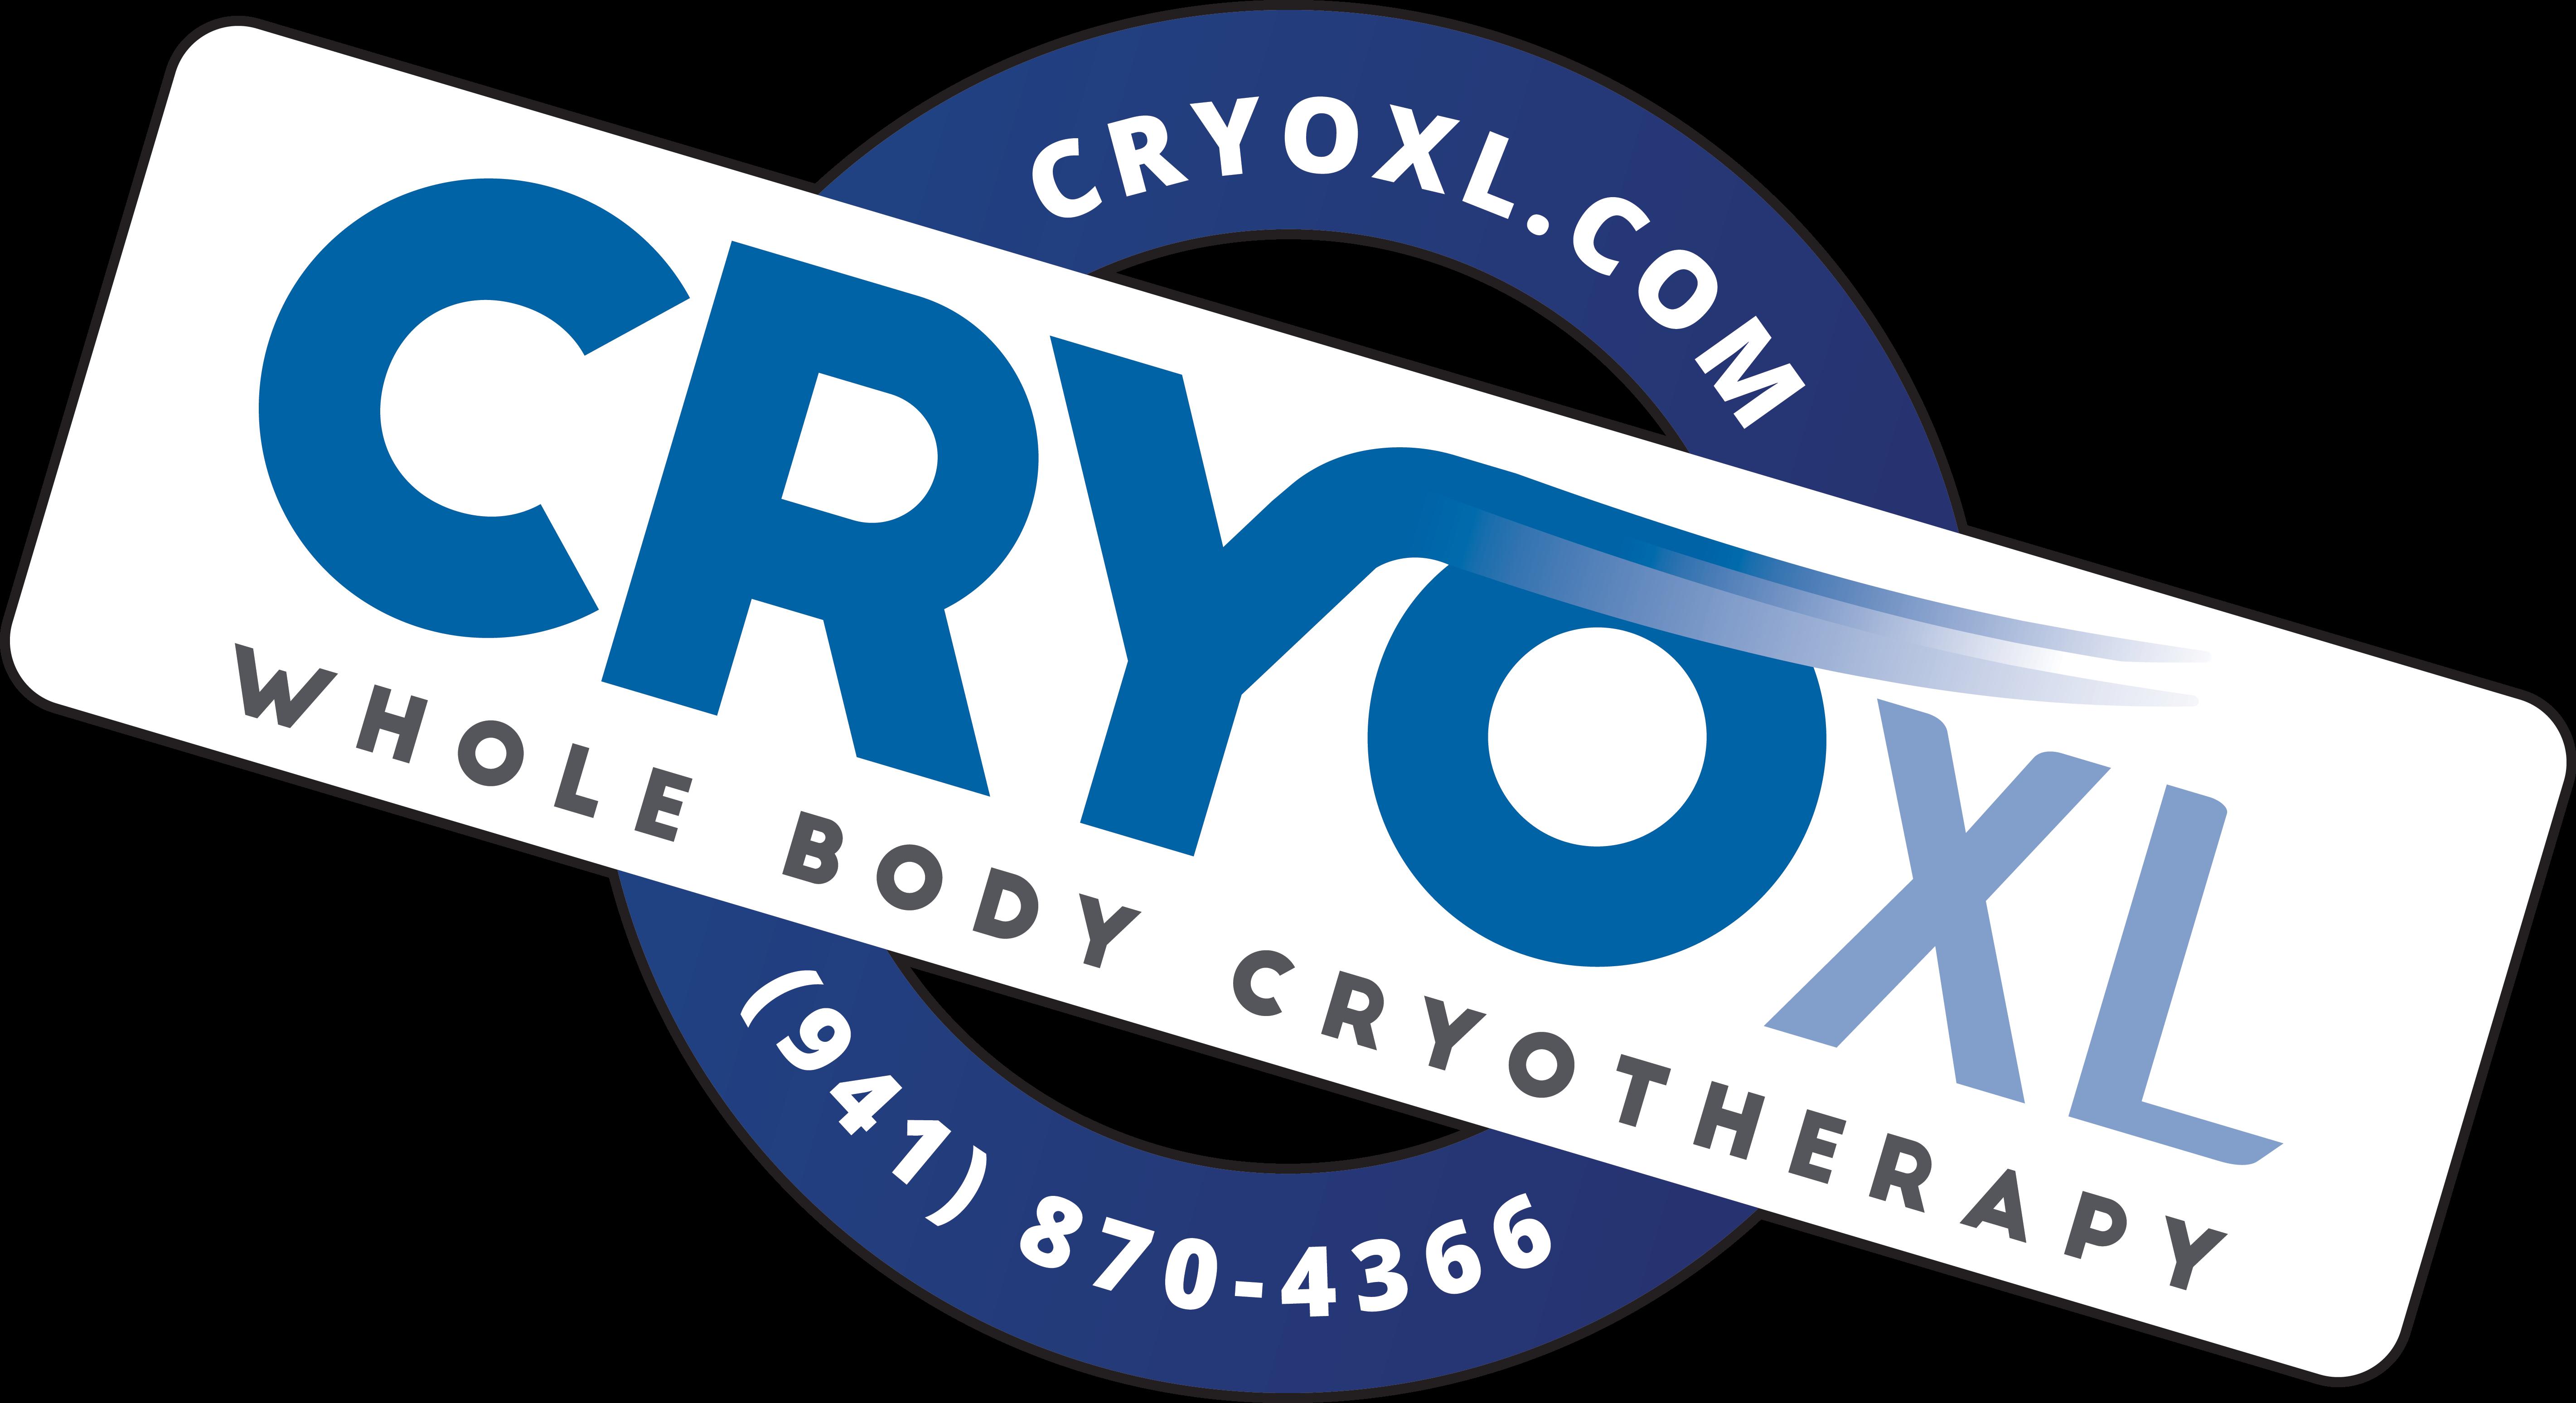 CryoXL